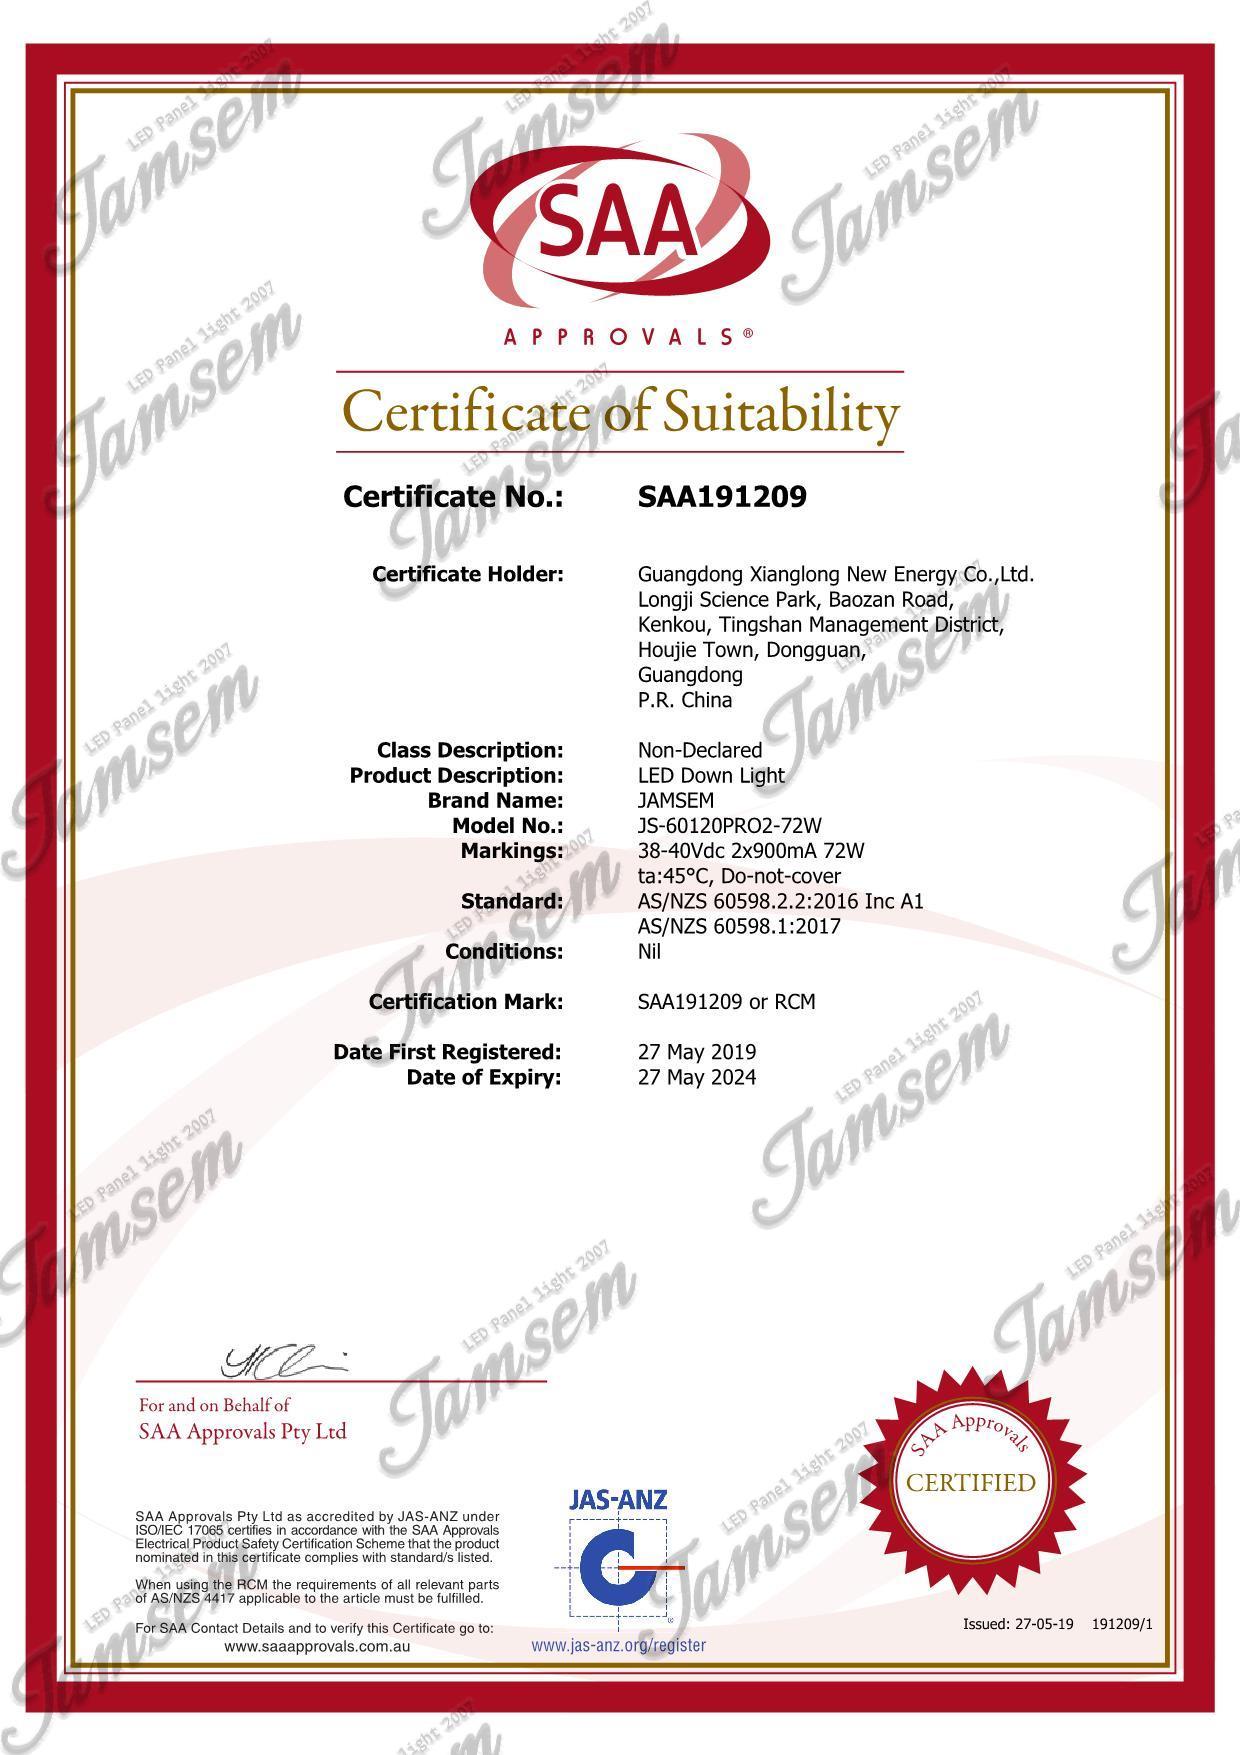 LED panel light SAA certificate - JAMSEM_1